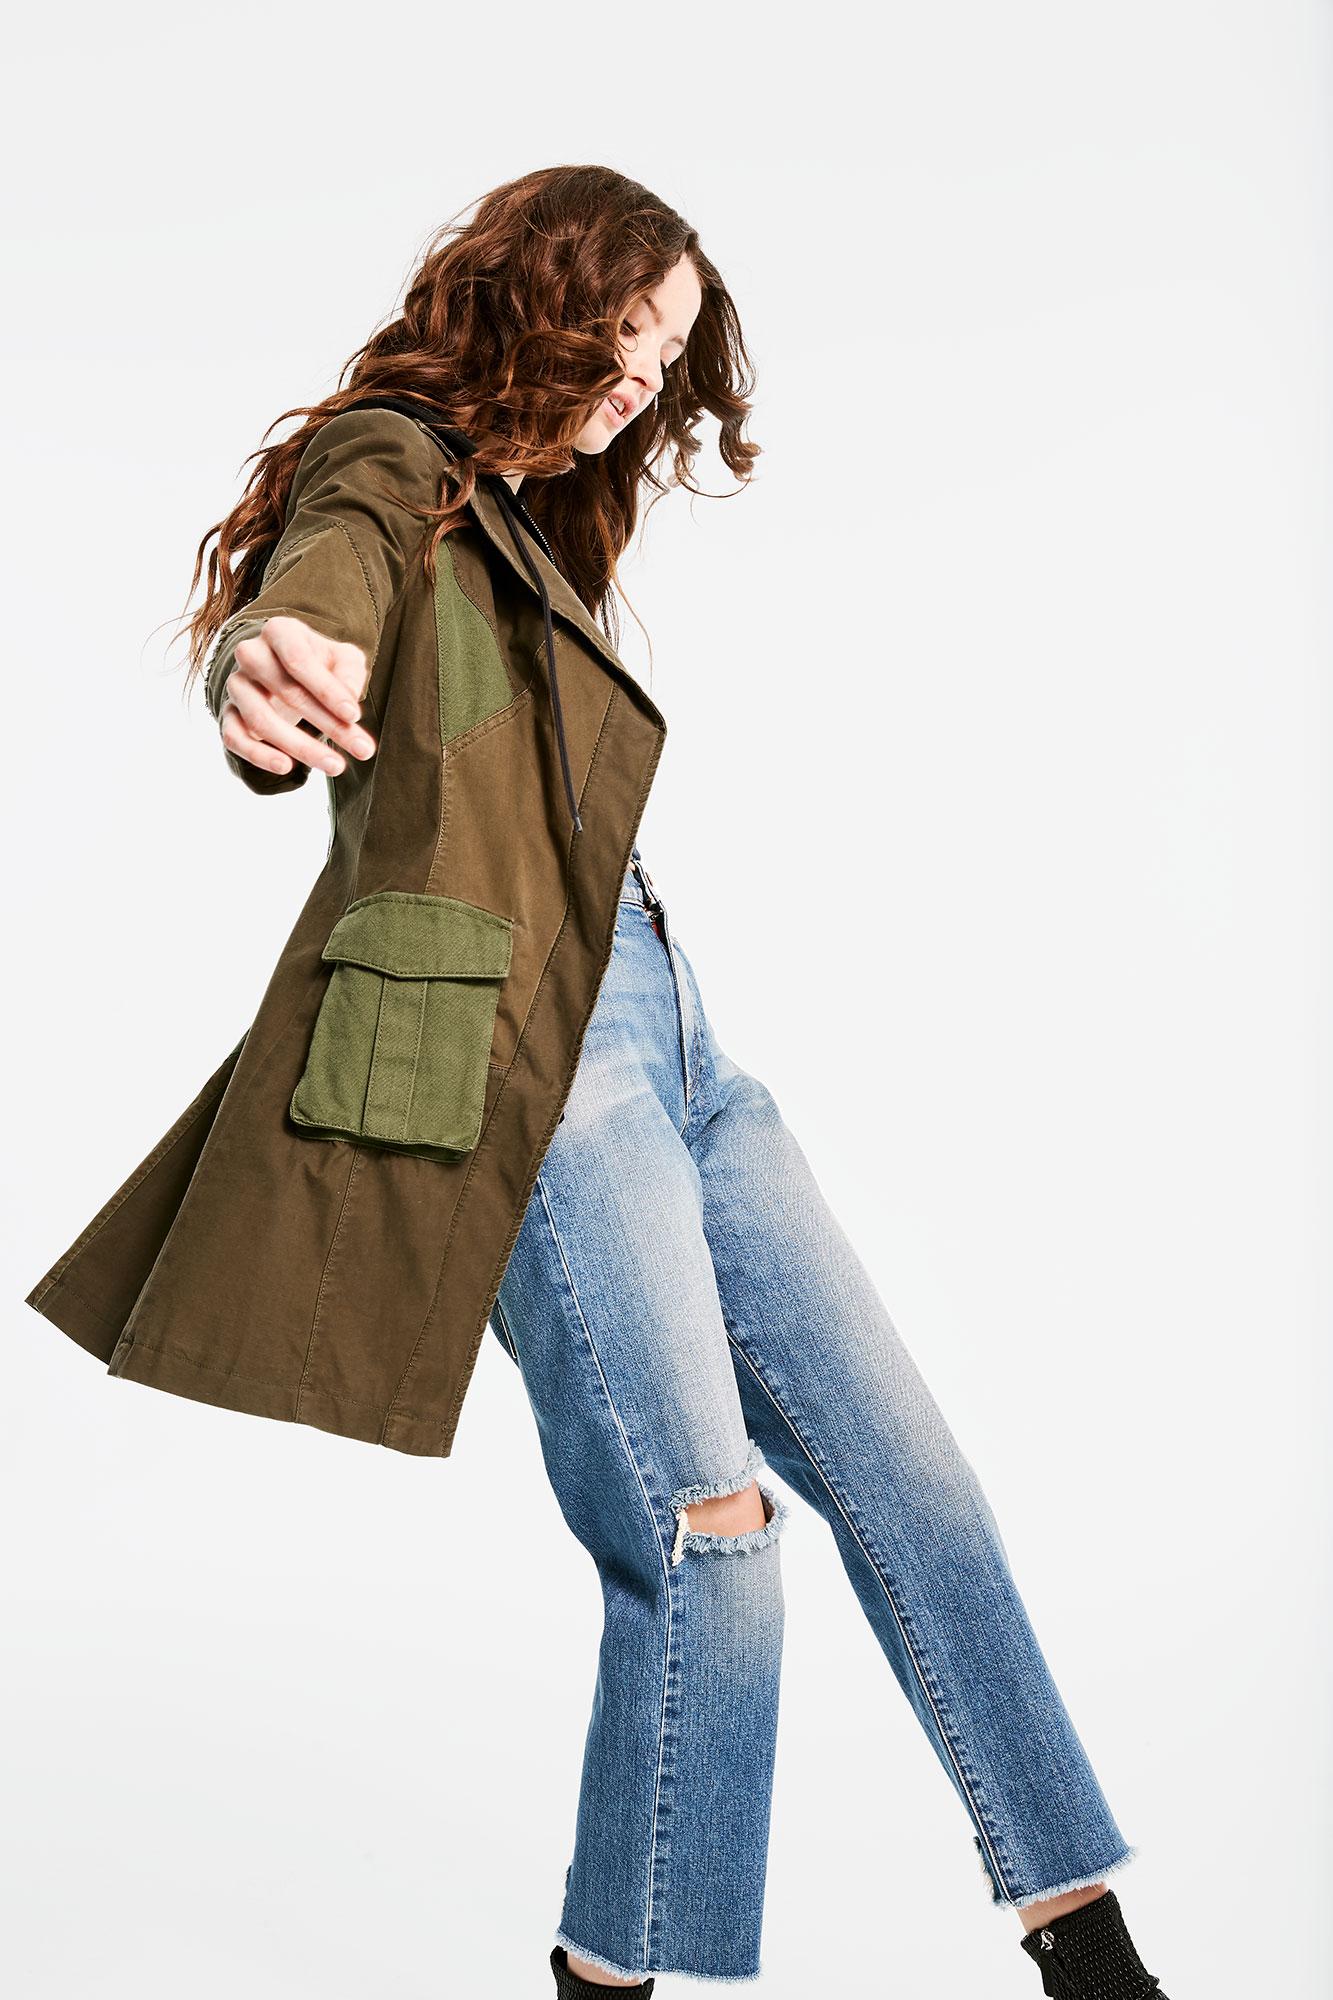 alice+olivia-jeans-spring-008.jpg